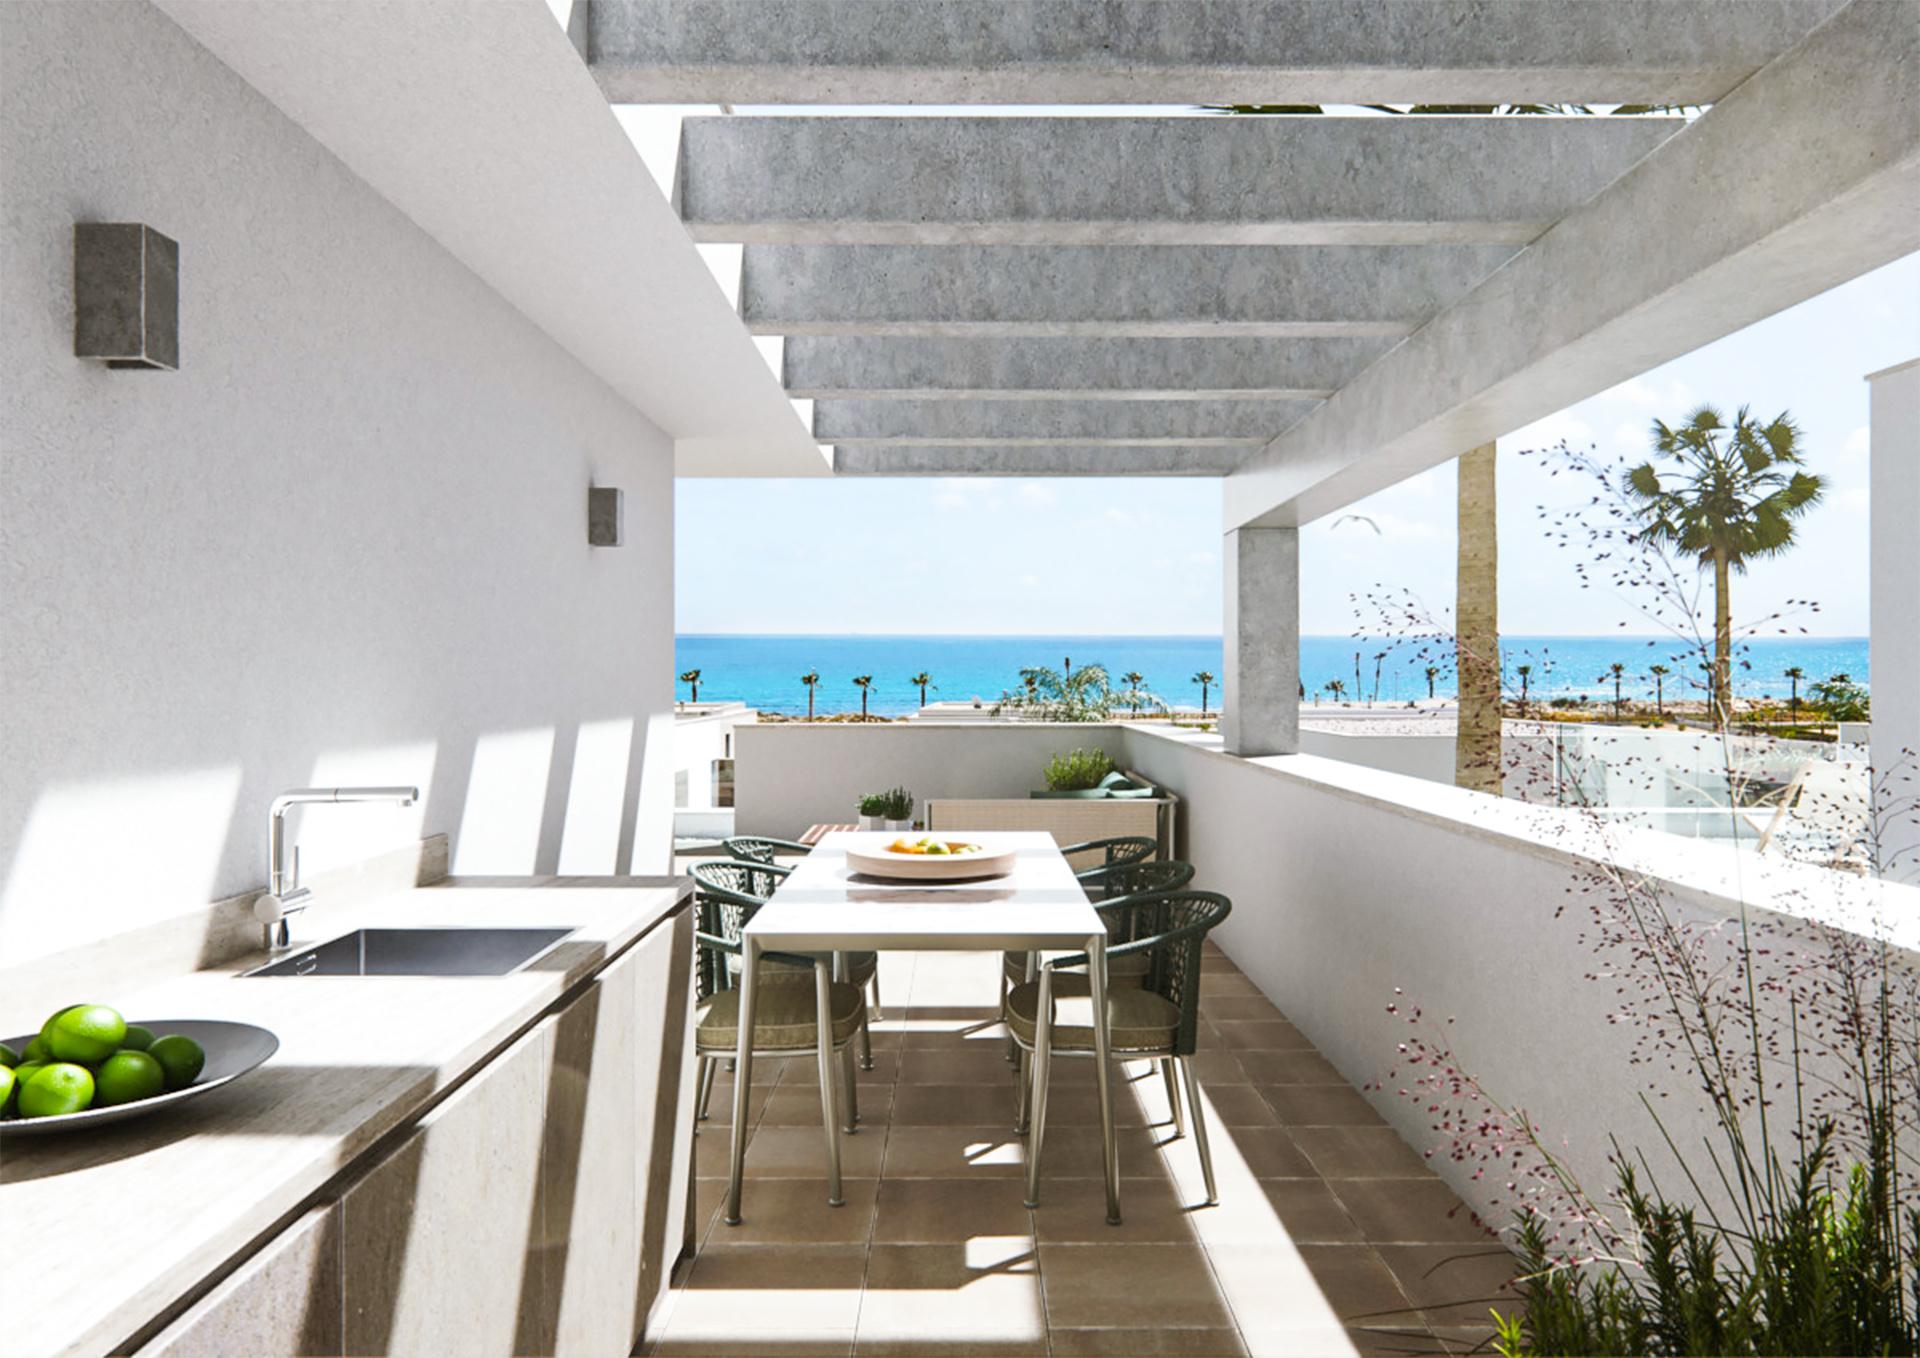 REF00456 Luksusowe wille w Torre de la Horadada na wybrzeżu Costa Blanca w Hiszpanii.